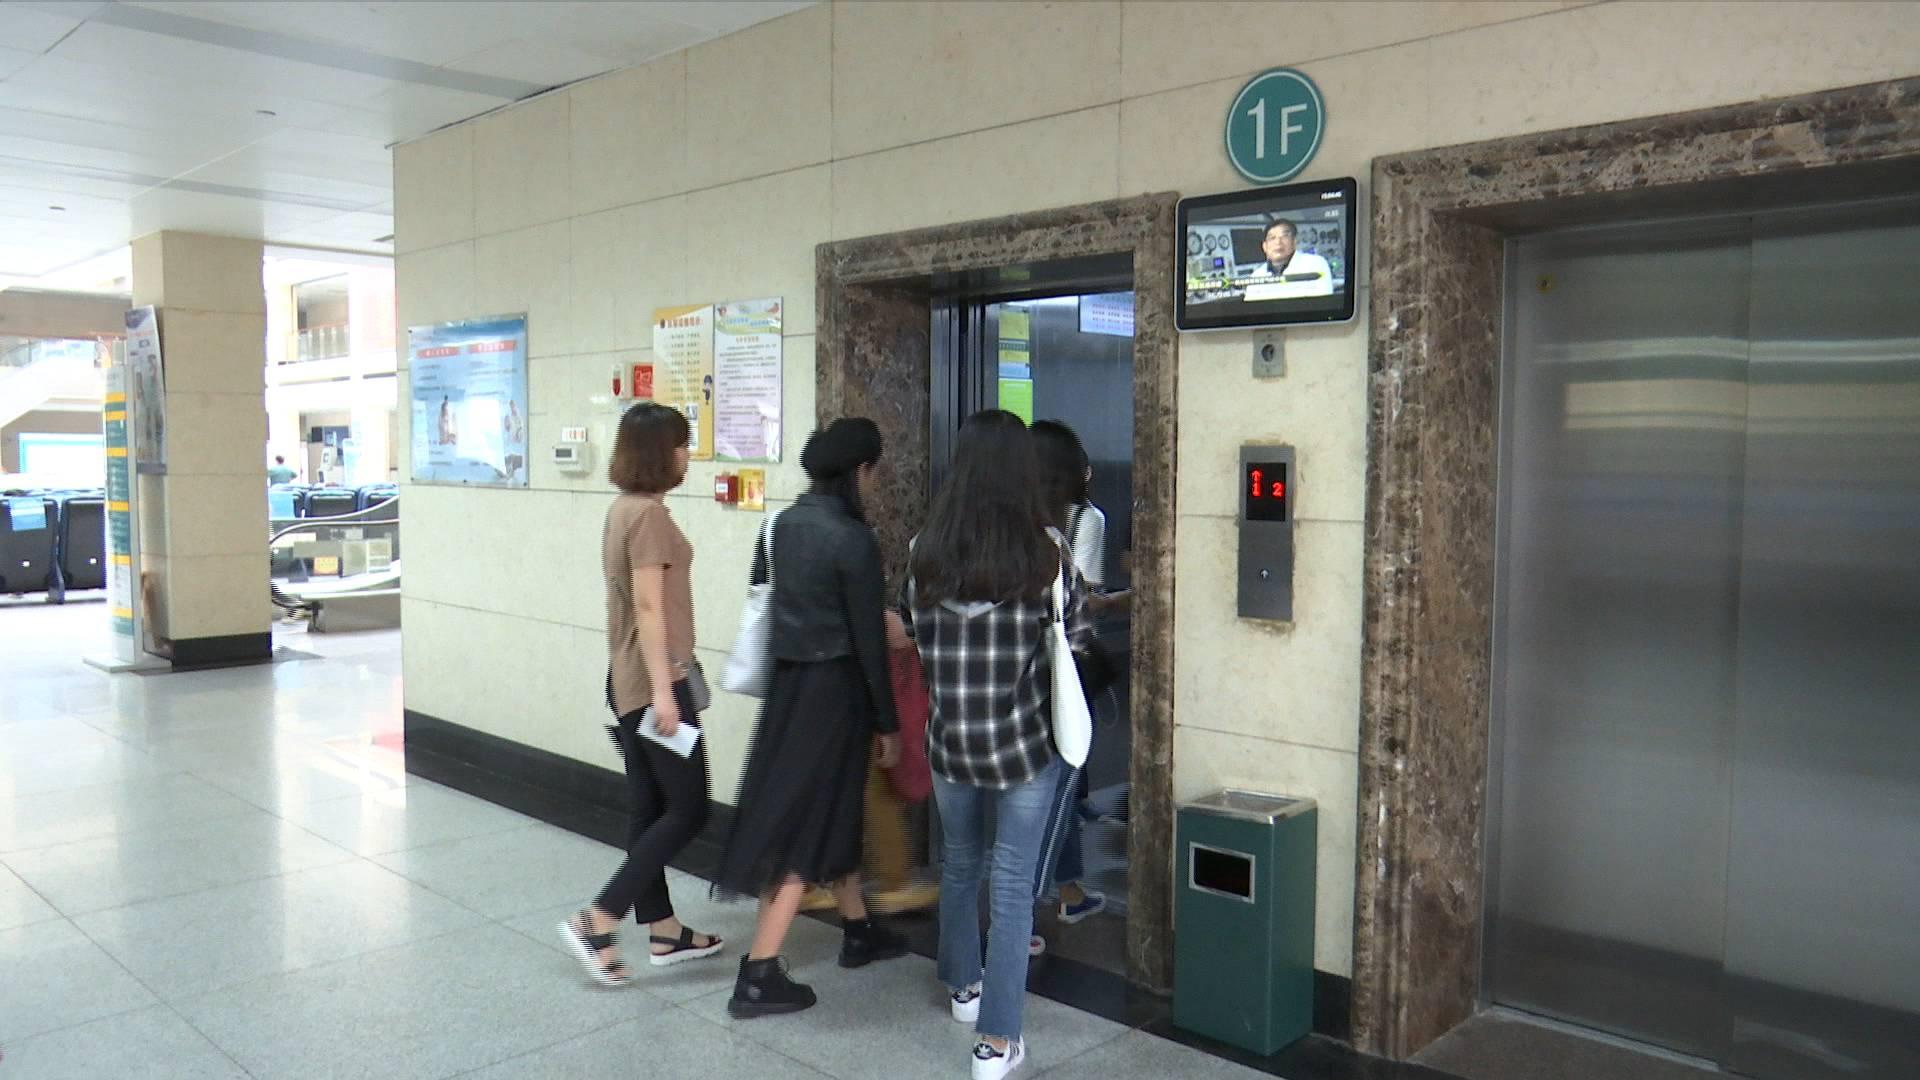 《应急在线》20200913:防范电梯伤人 掌握科学自救